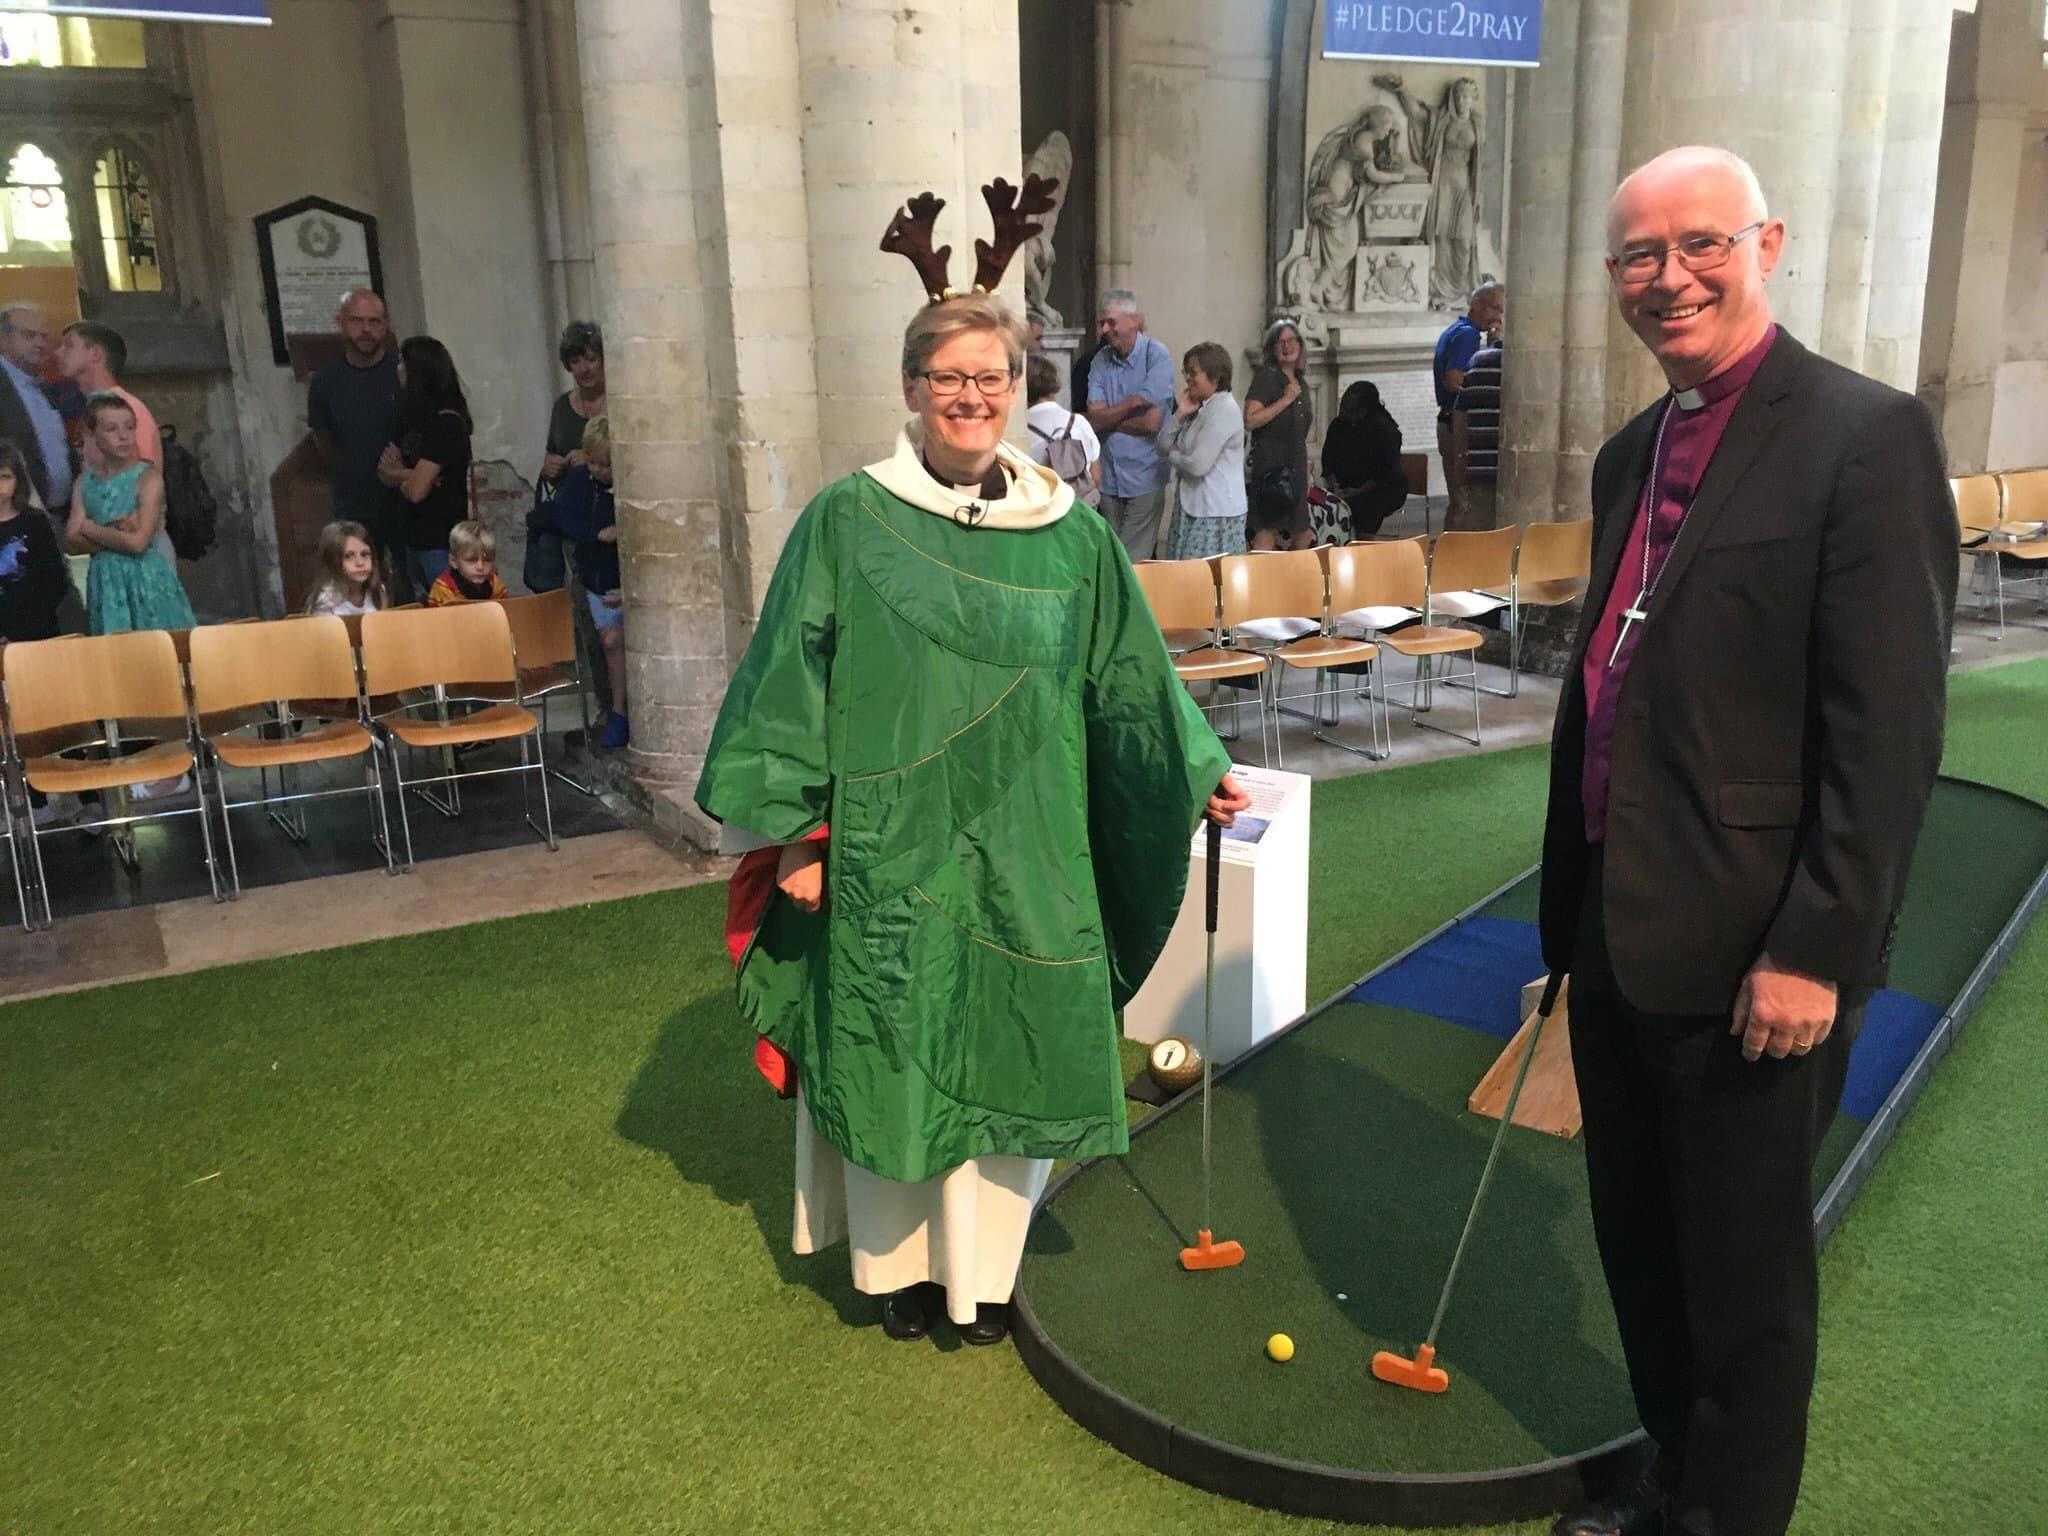 Wystarczy dać protestantom pięćset lat i już w budynkach pokościelnych grają w golfa w rogach renifera!